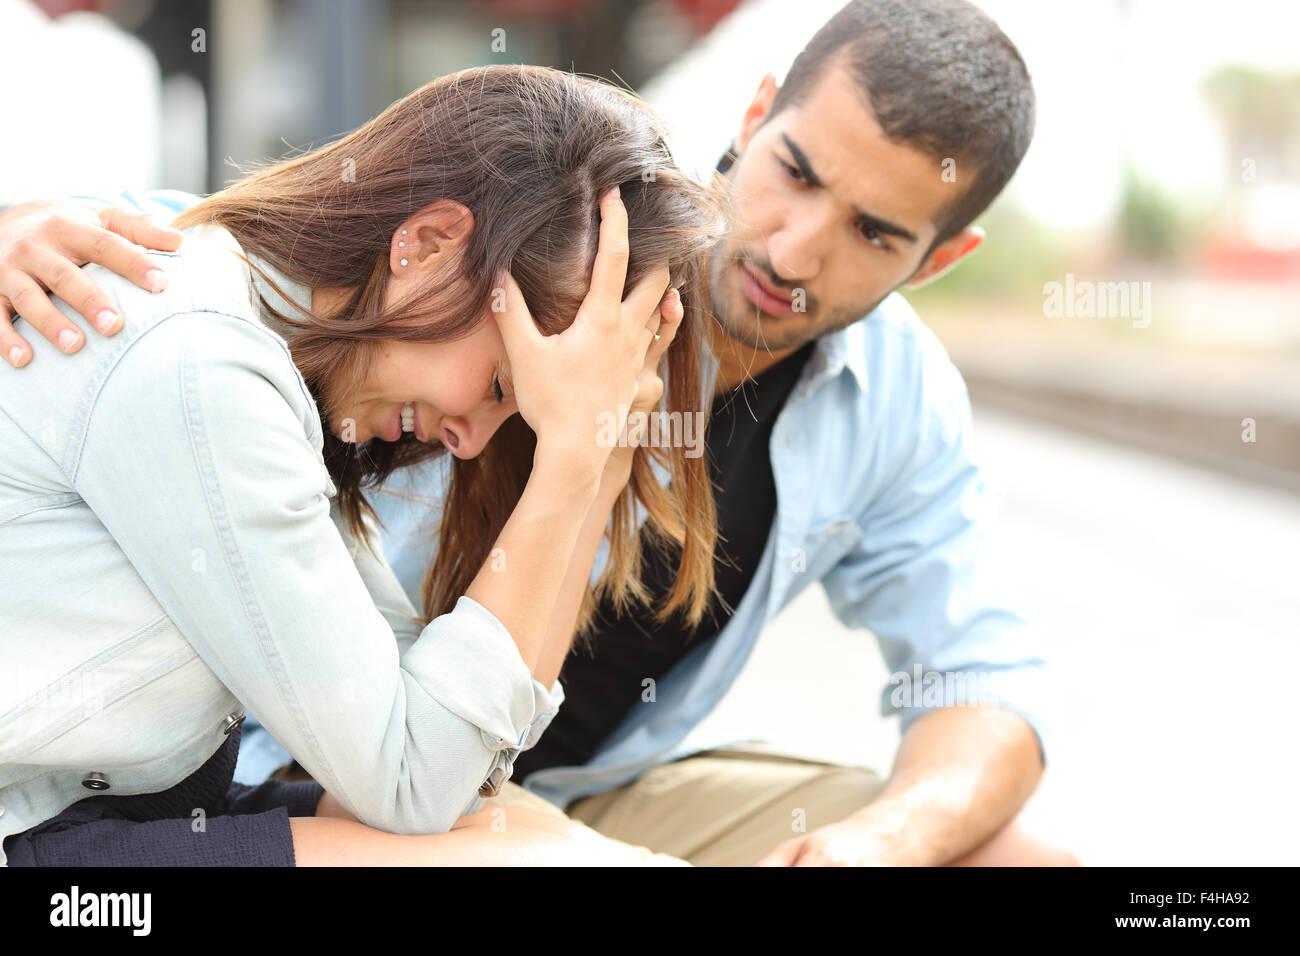 Seitenansicht eines muslimischen Mannes ein trauriges kaukasisches Mädchen in einem Bahnhof Trauer trösten Stockbild